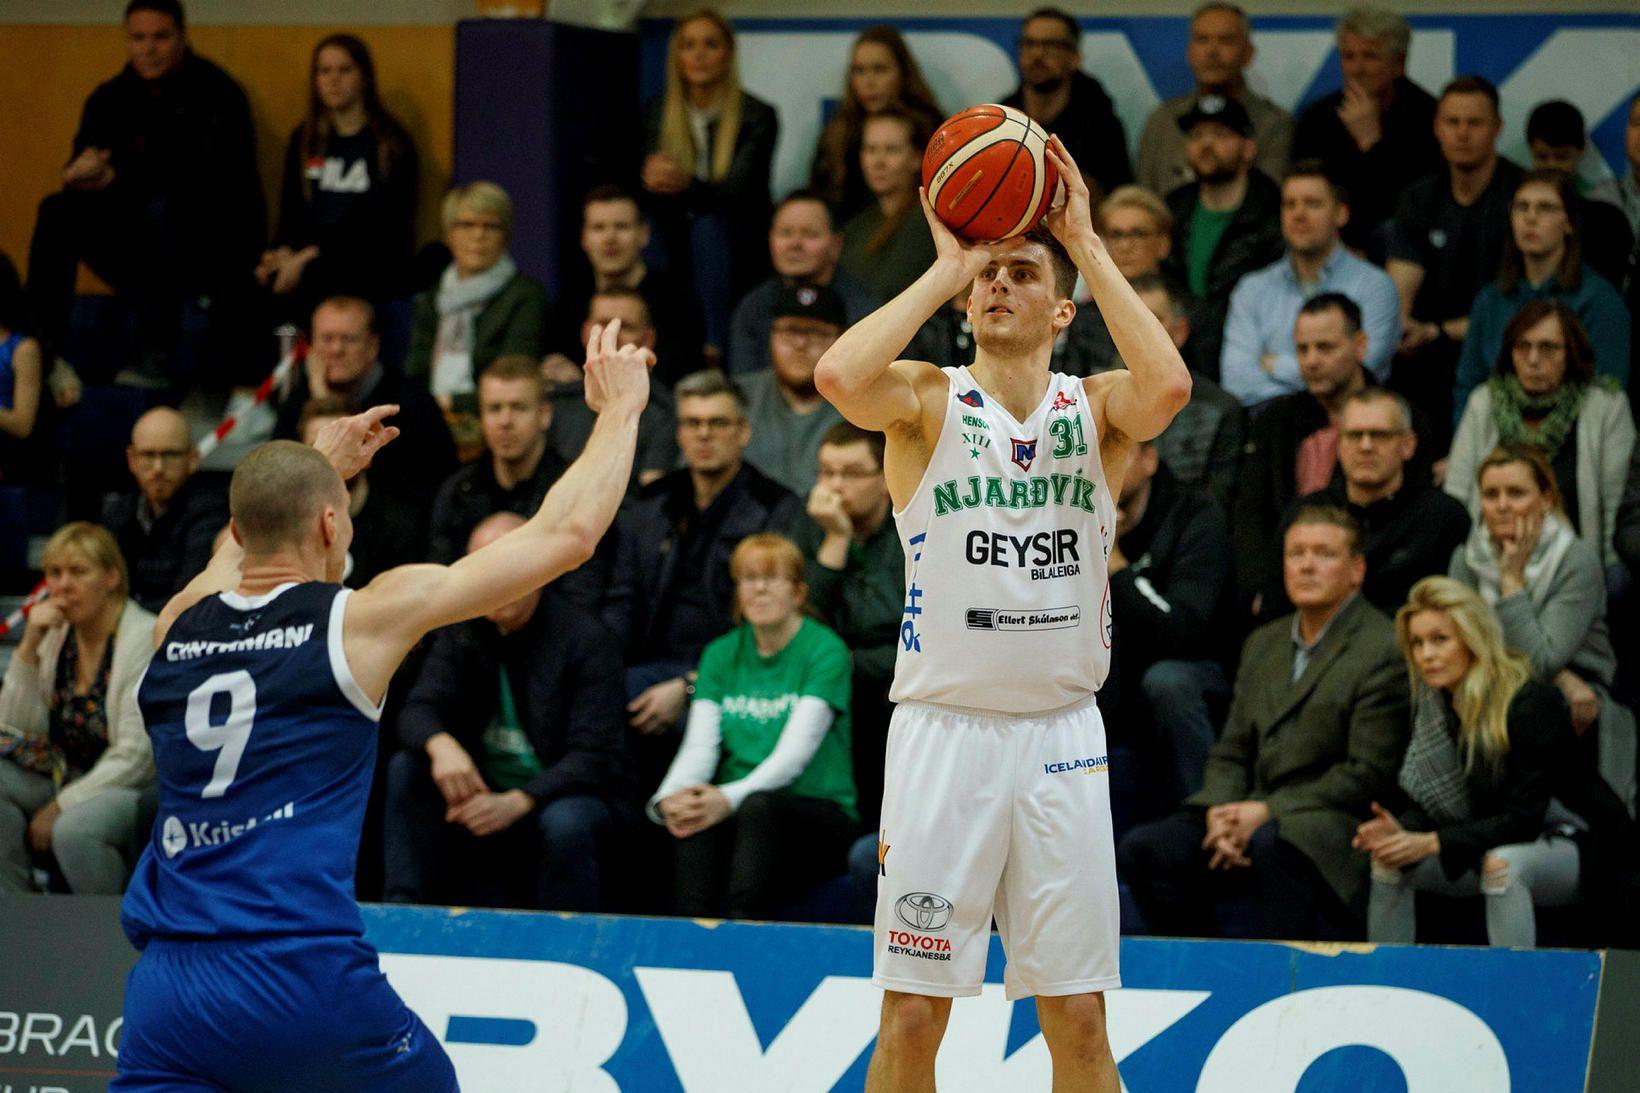 Mario Matasovic skoraði 16 stig fyrir Njarðvíkinga í kvöld.